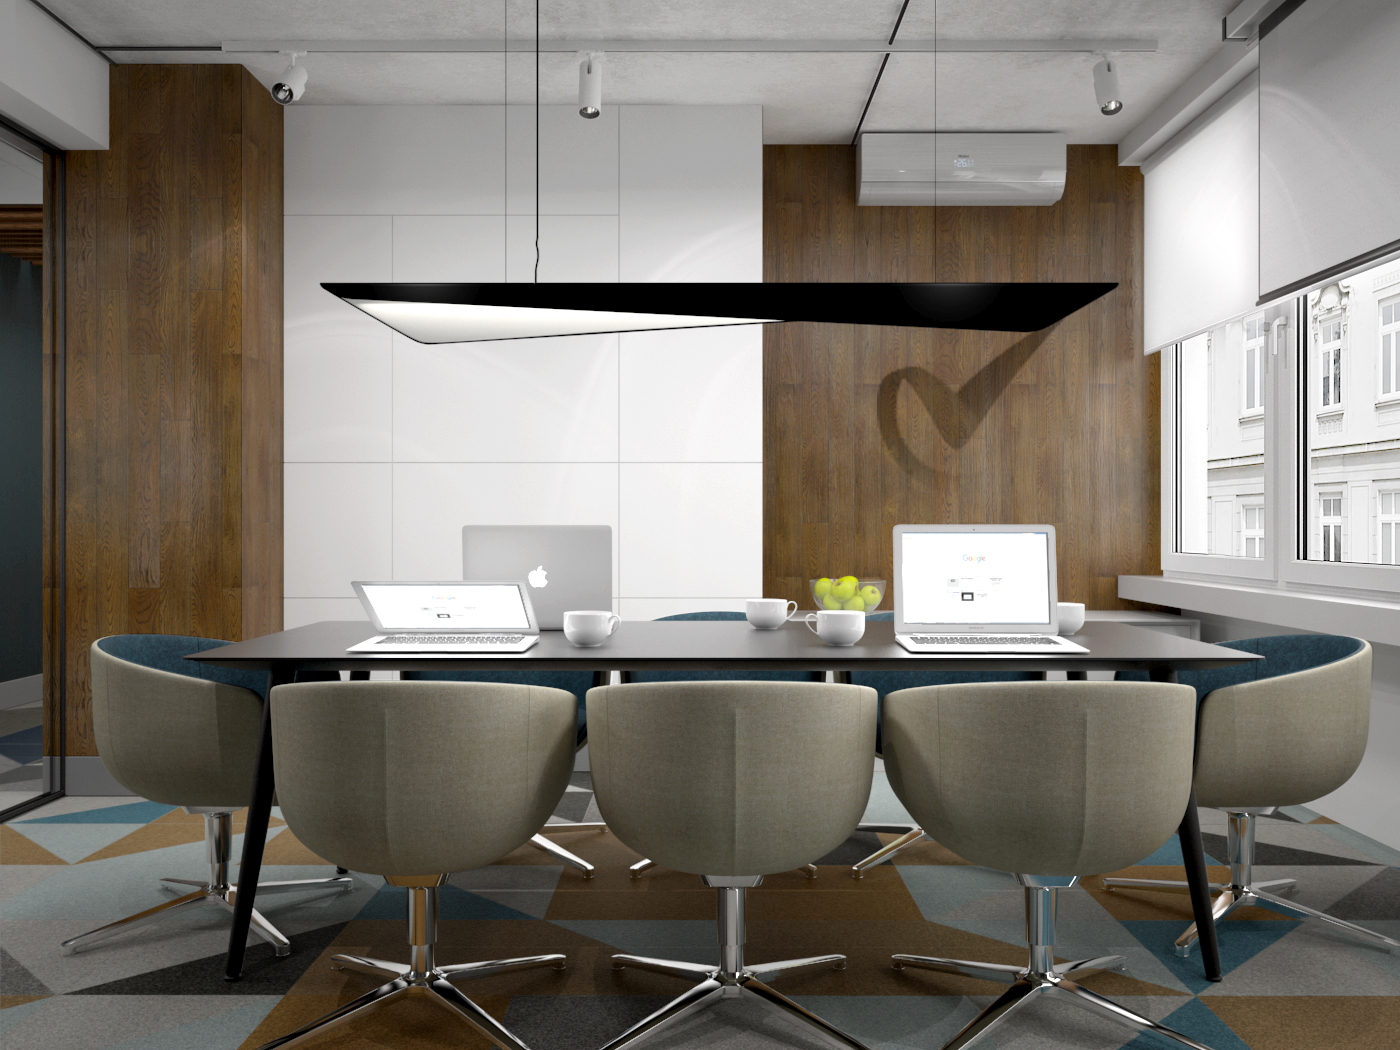 3 projekt biura 547 Kancelaria warszawa sala konferencyjna stol konferencyjny wygodne fotele wykladzina obiektowa logo na plycie meblowej